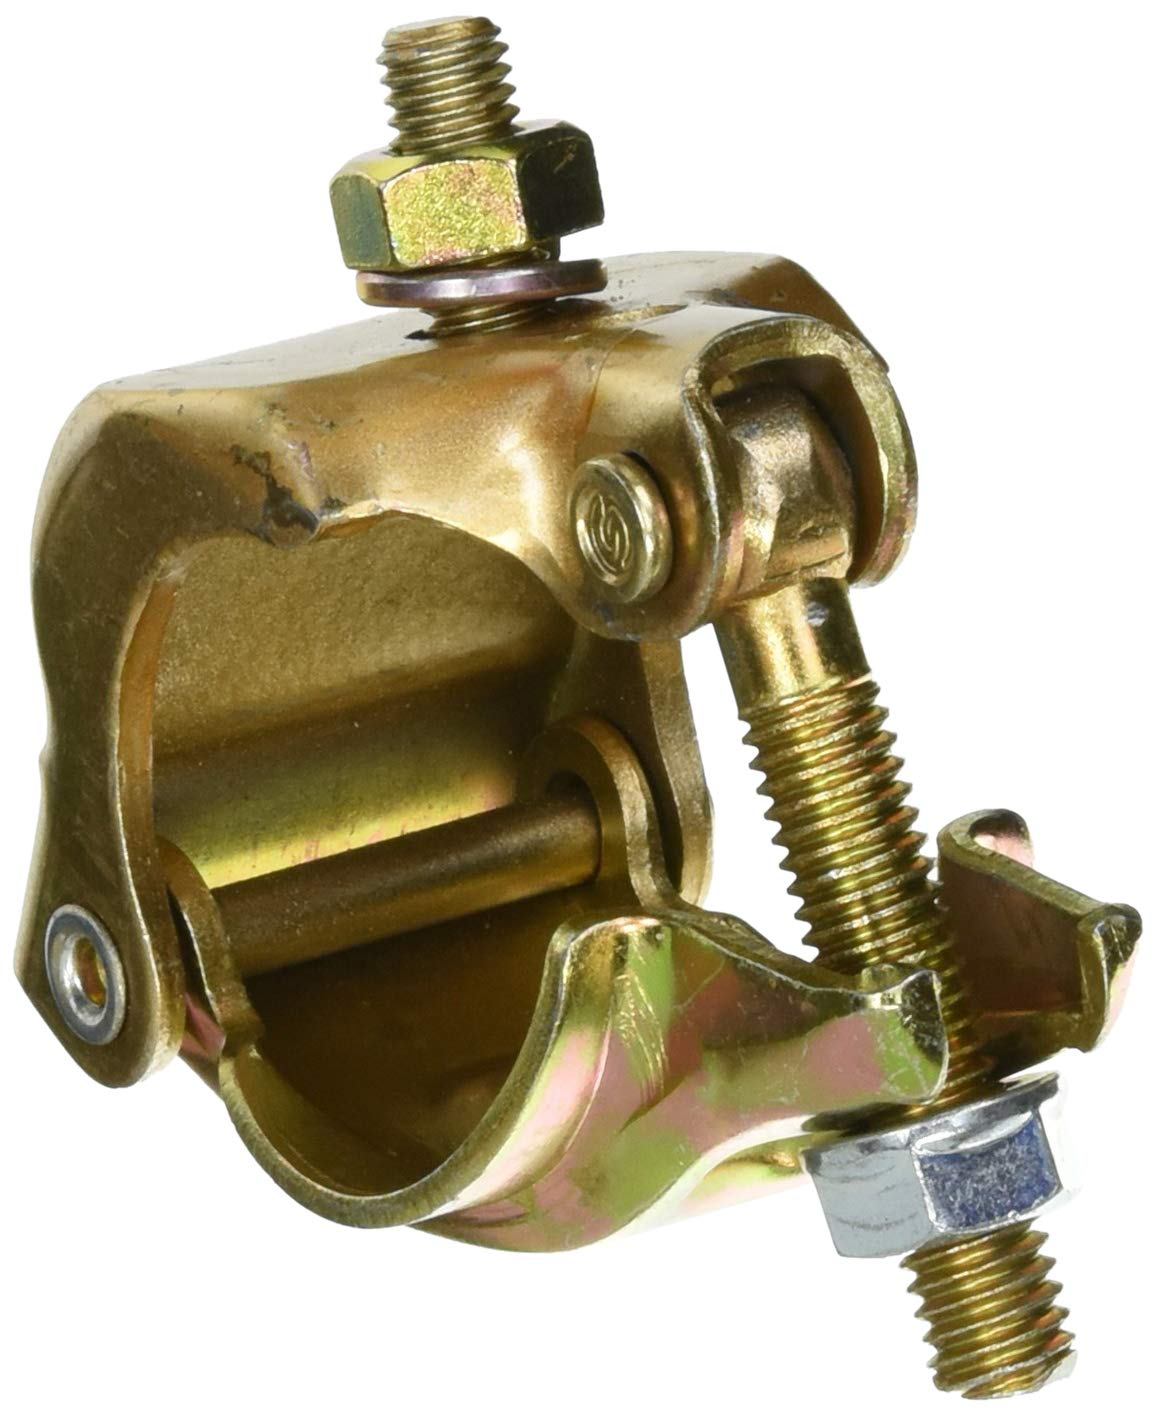 未来工業 単管クランプ KSTK-B